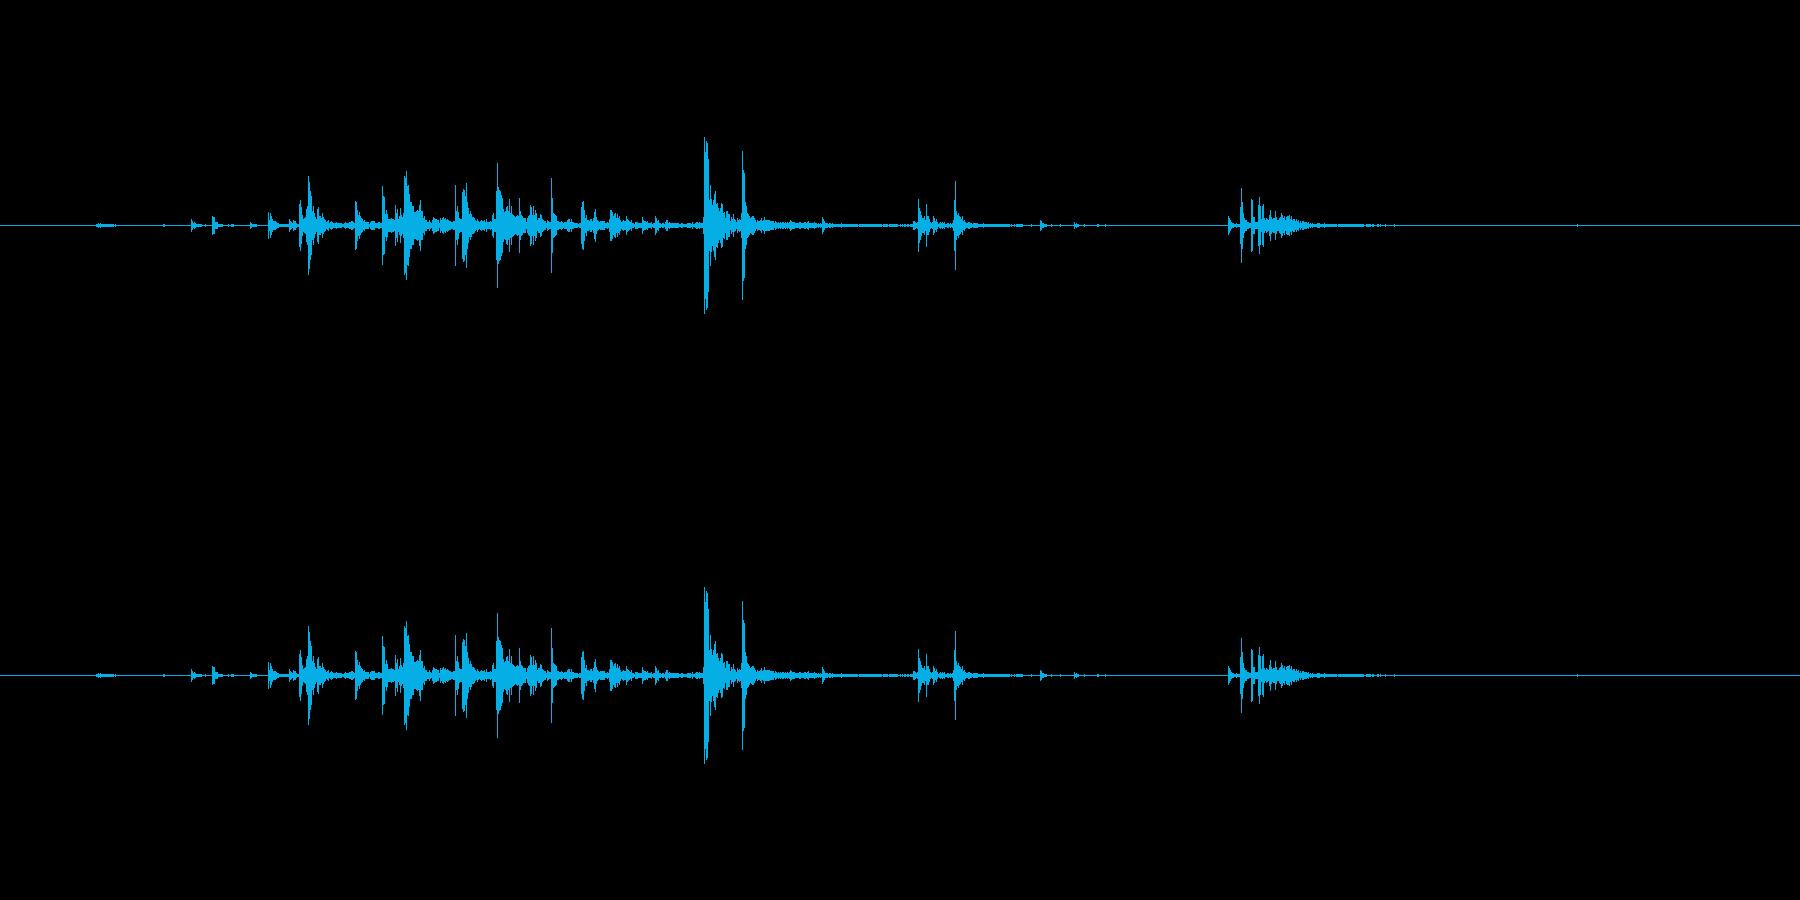 きゅうりを丸ごとかじる音の再生済みの波形